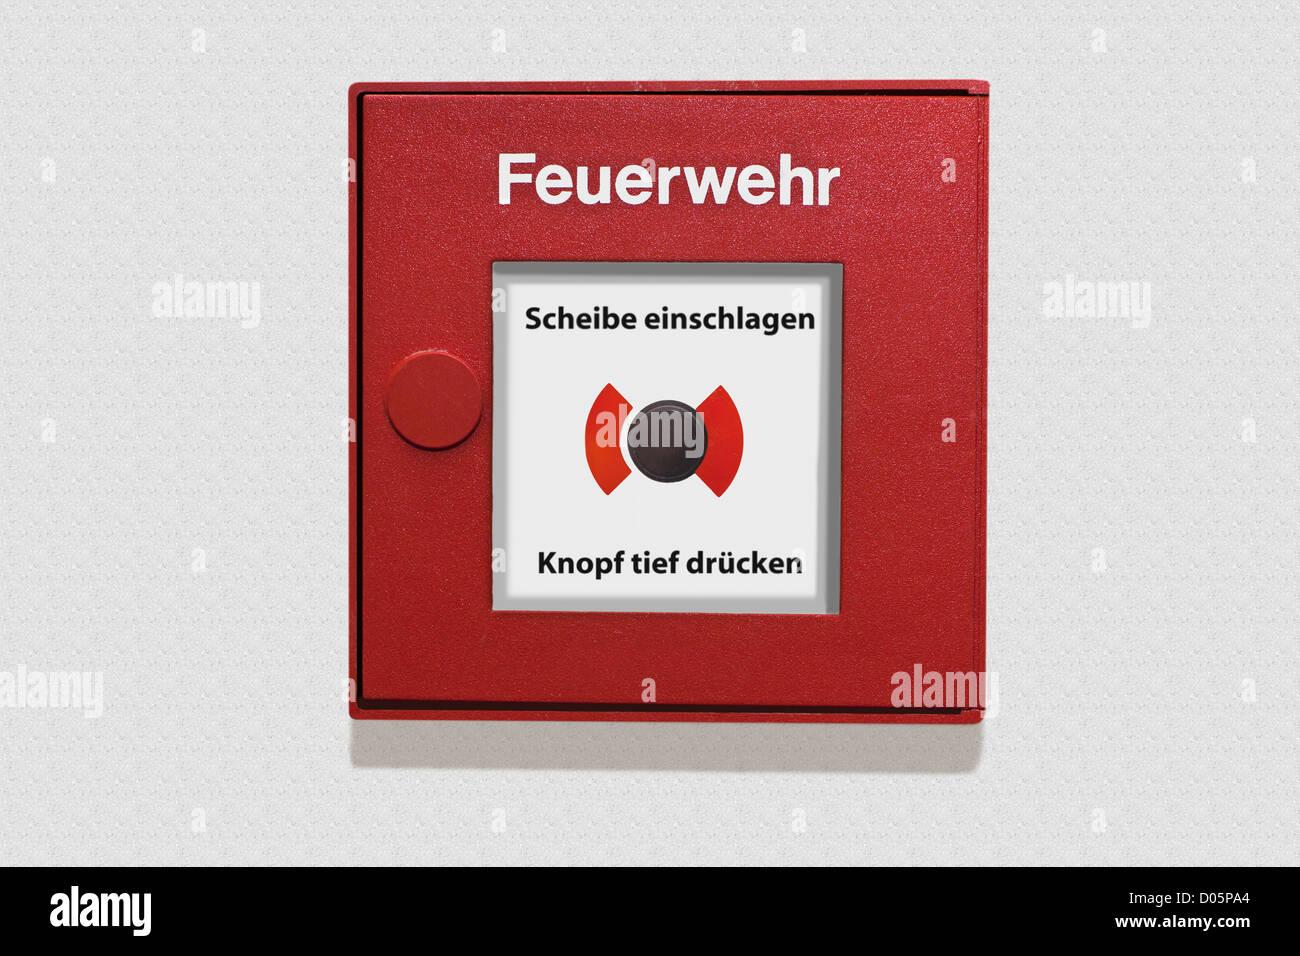 Detailansicht eines deutschen Feuermelders | Detail photo of a German fire alarm box - Stock Image